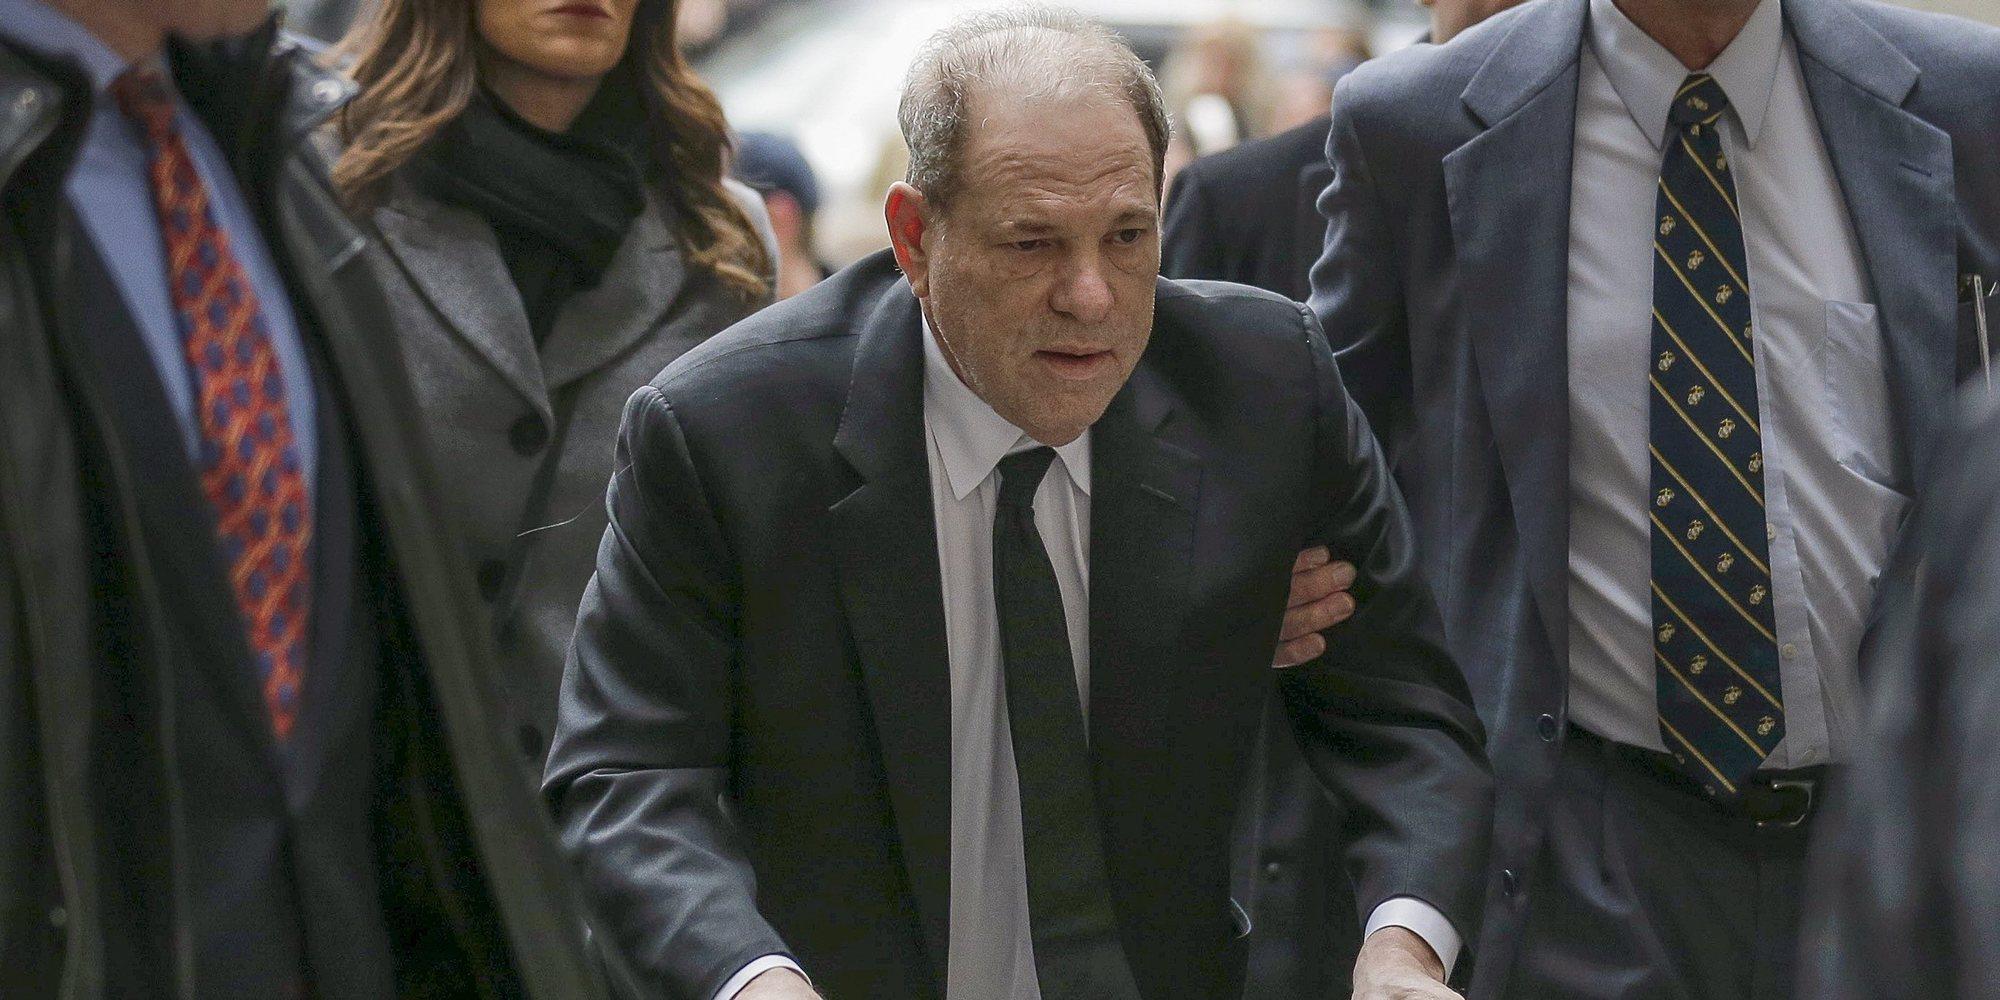 Sigue el juicio contra Harvey Weinstein: testifica la denunciante a la que presuntamente violó 2 veces